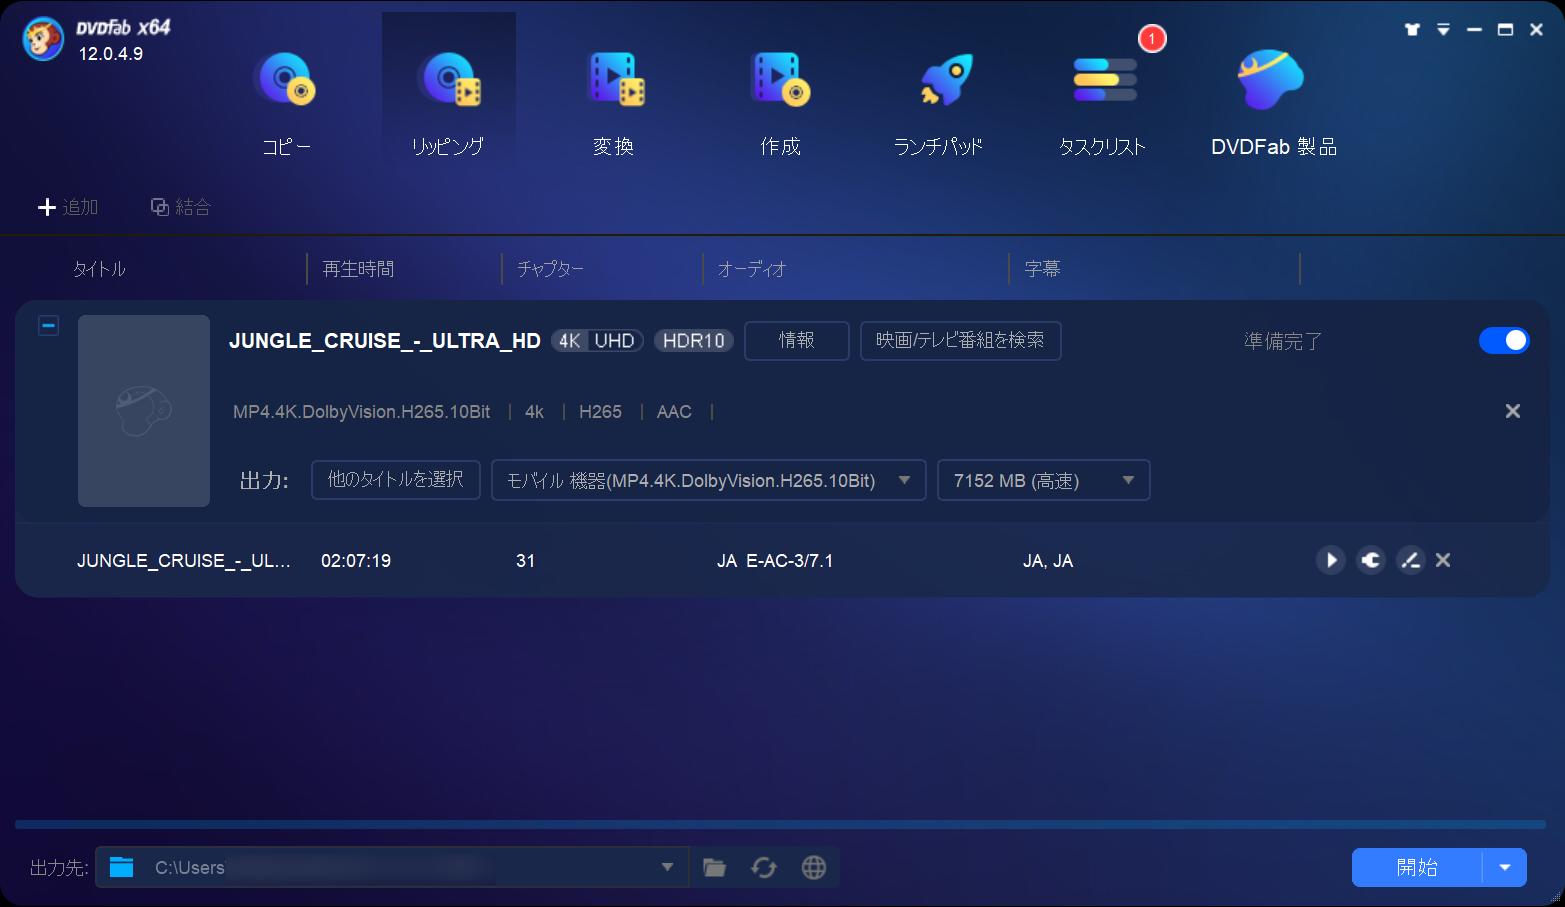 DVDFab12 4K UHDブルーレイのコピー方法 無料でコピーガード解除して4K UHDブルーレイをパソコンに永久保存する方法 ISOファイルをiPhoneに適した形式に変換する:ISOファイルの読み込みが完了すると、ISOファイルの内容が表示されます。